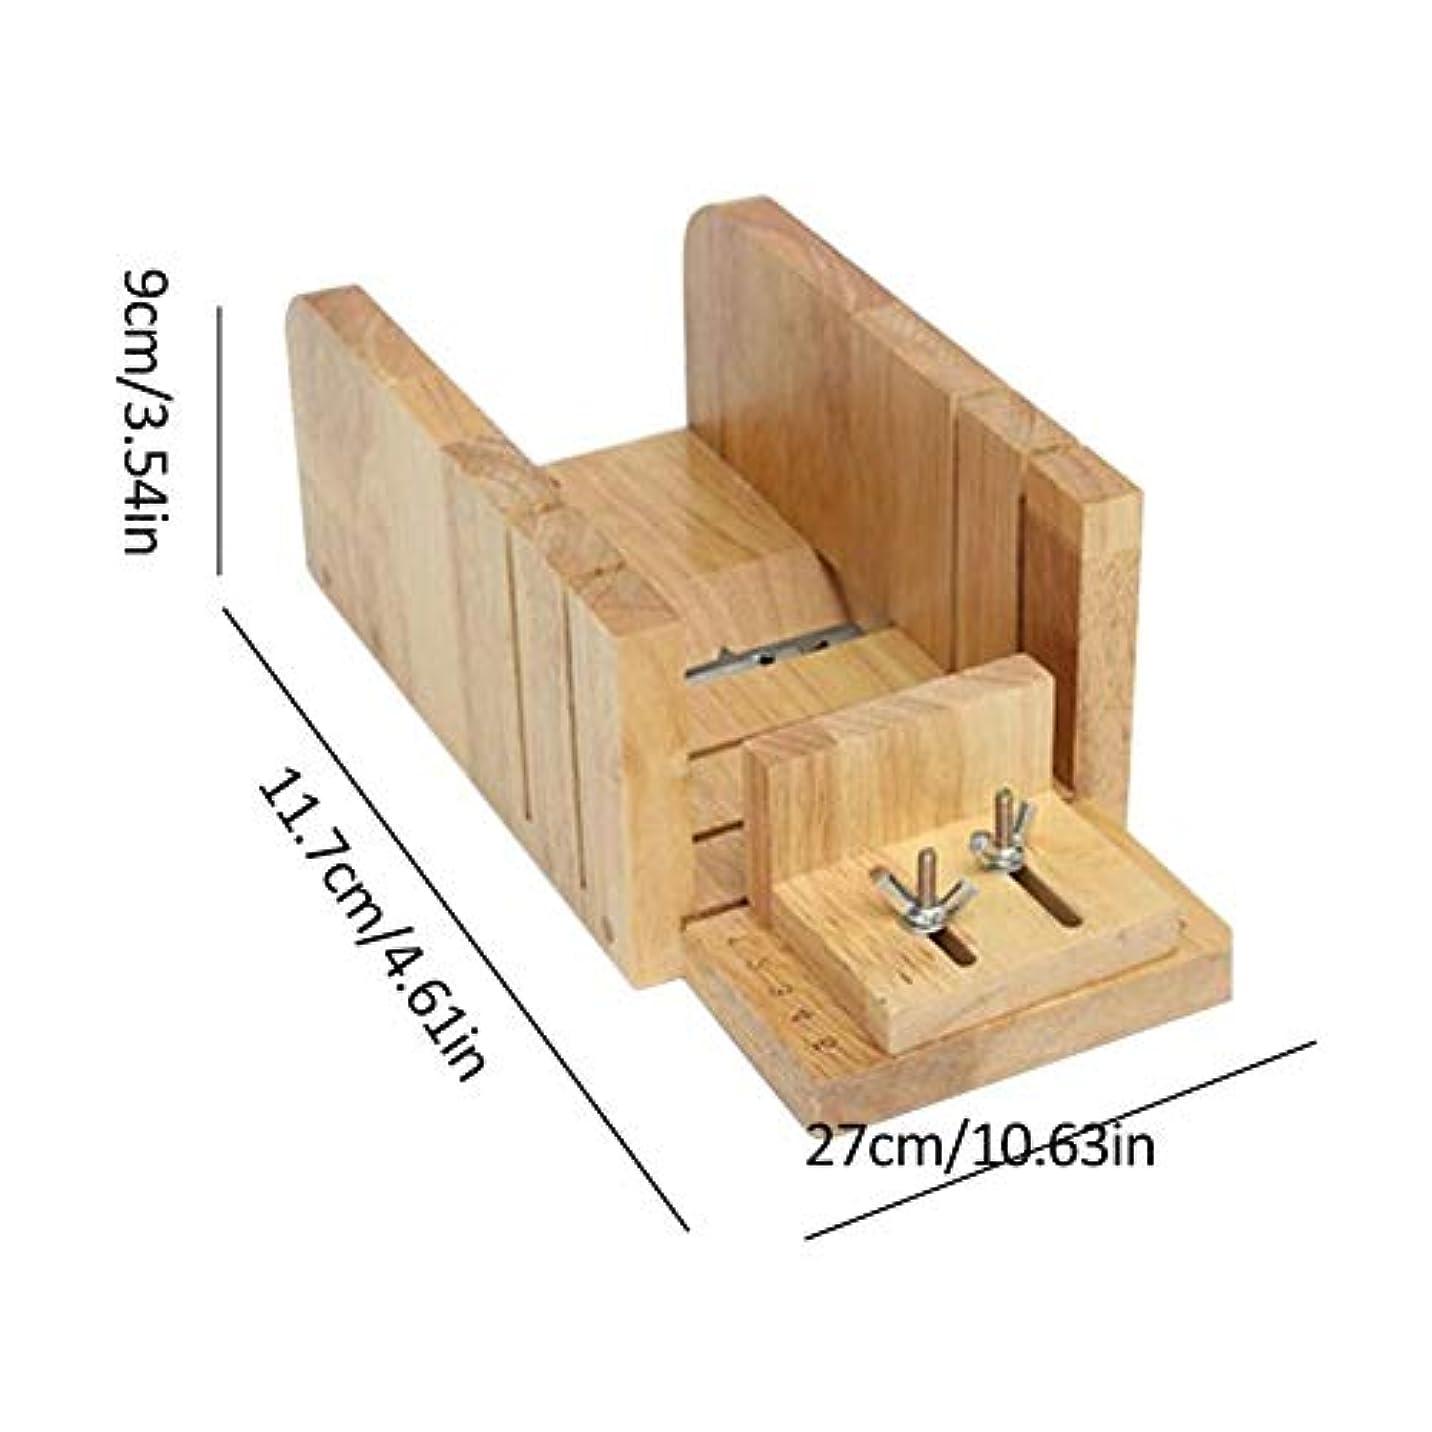 エイズコーヒーあざ3点セット ソープカッター 石けん金型ソープロープ カッター 木製 カッター ツールDIY 手作り 木製ボックス松木製 ストレートソープ包丁 ナイフ モールドソープ調整可能レトロ